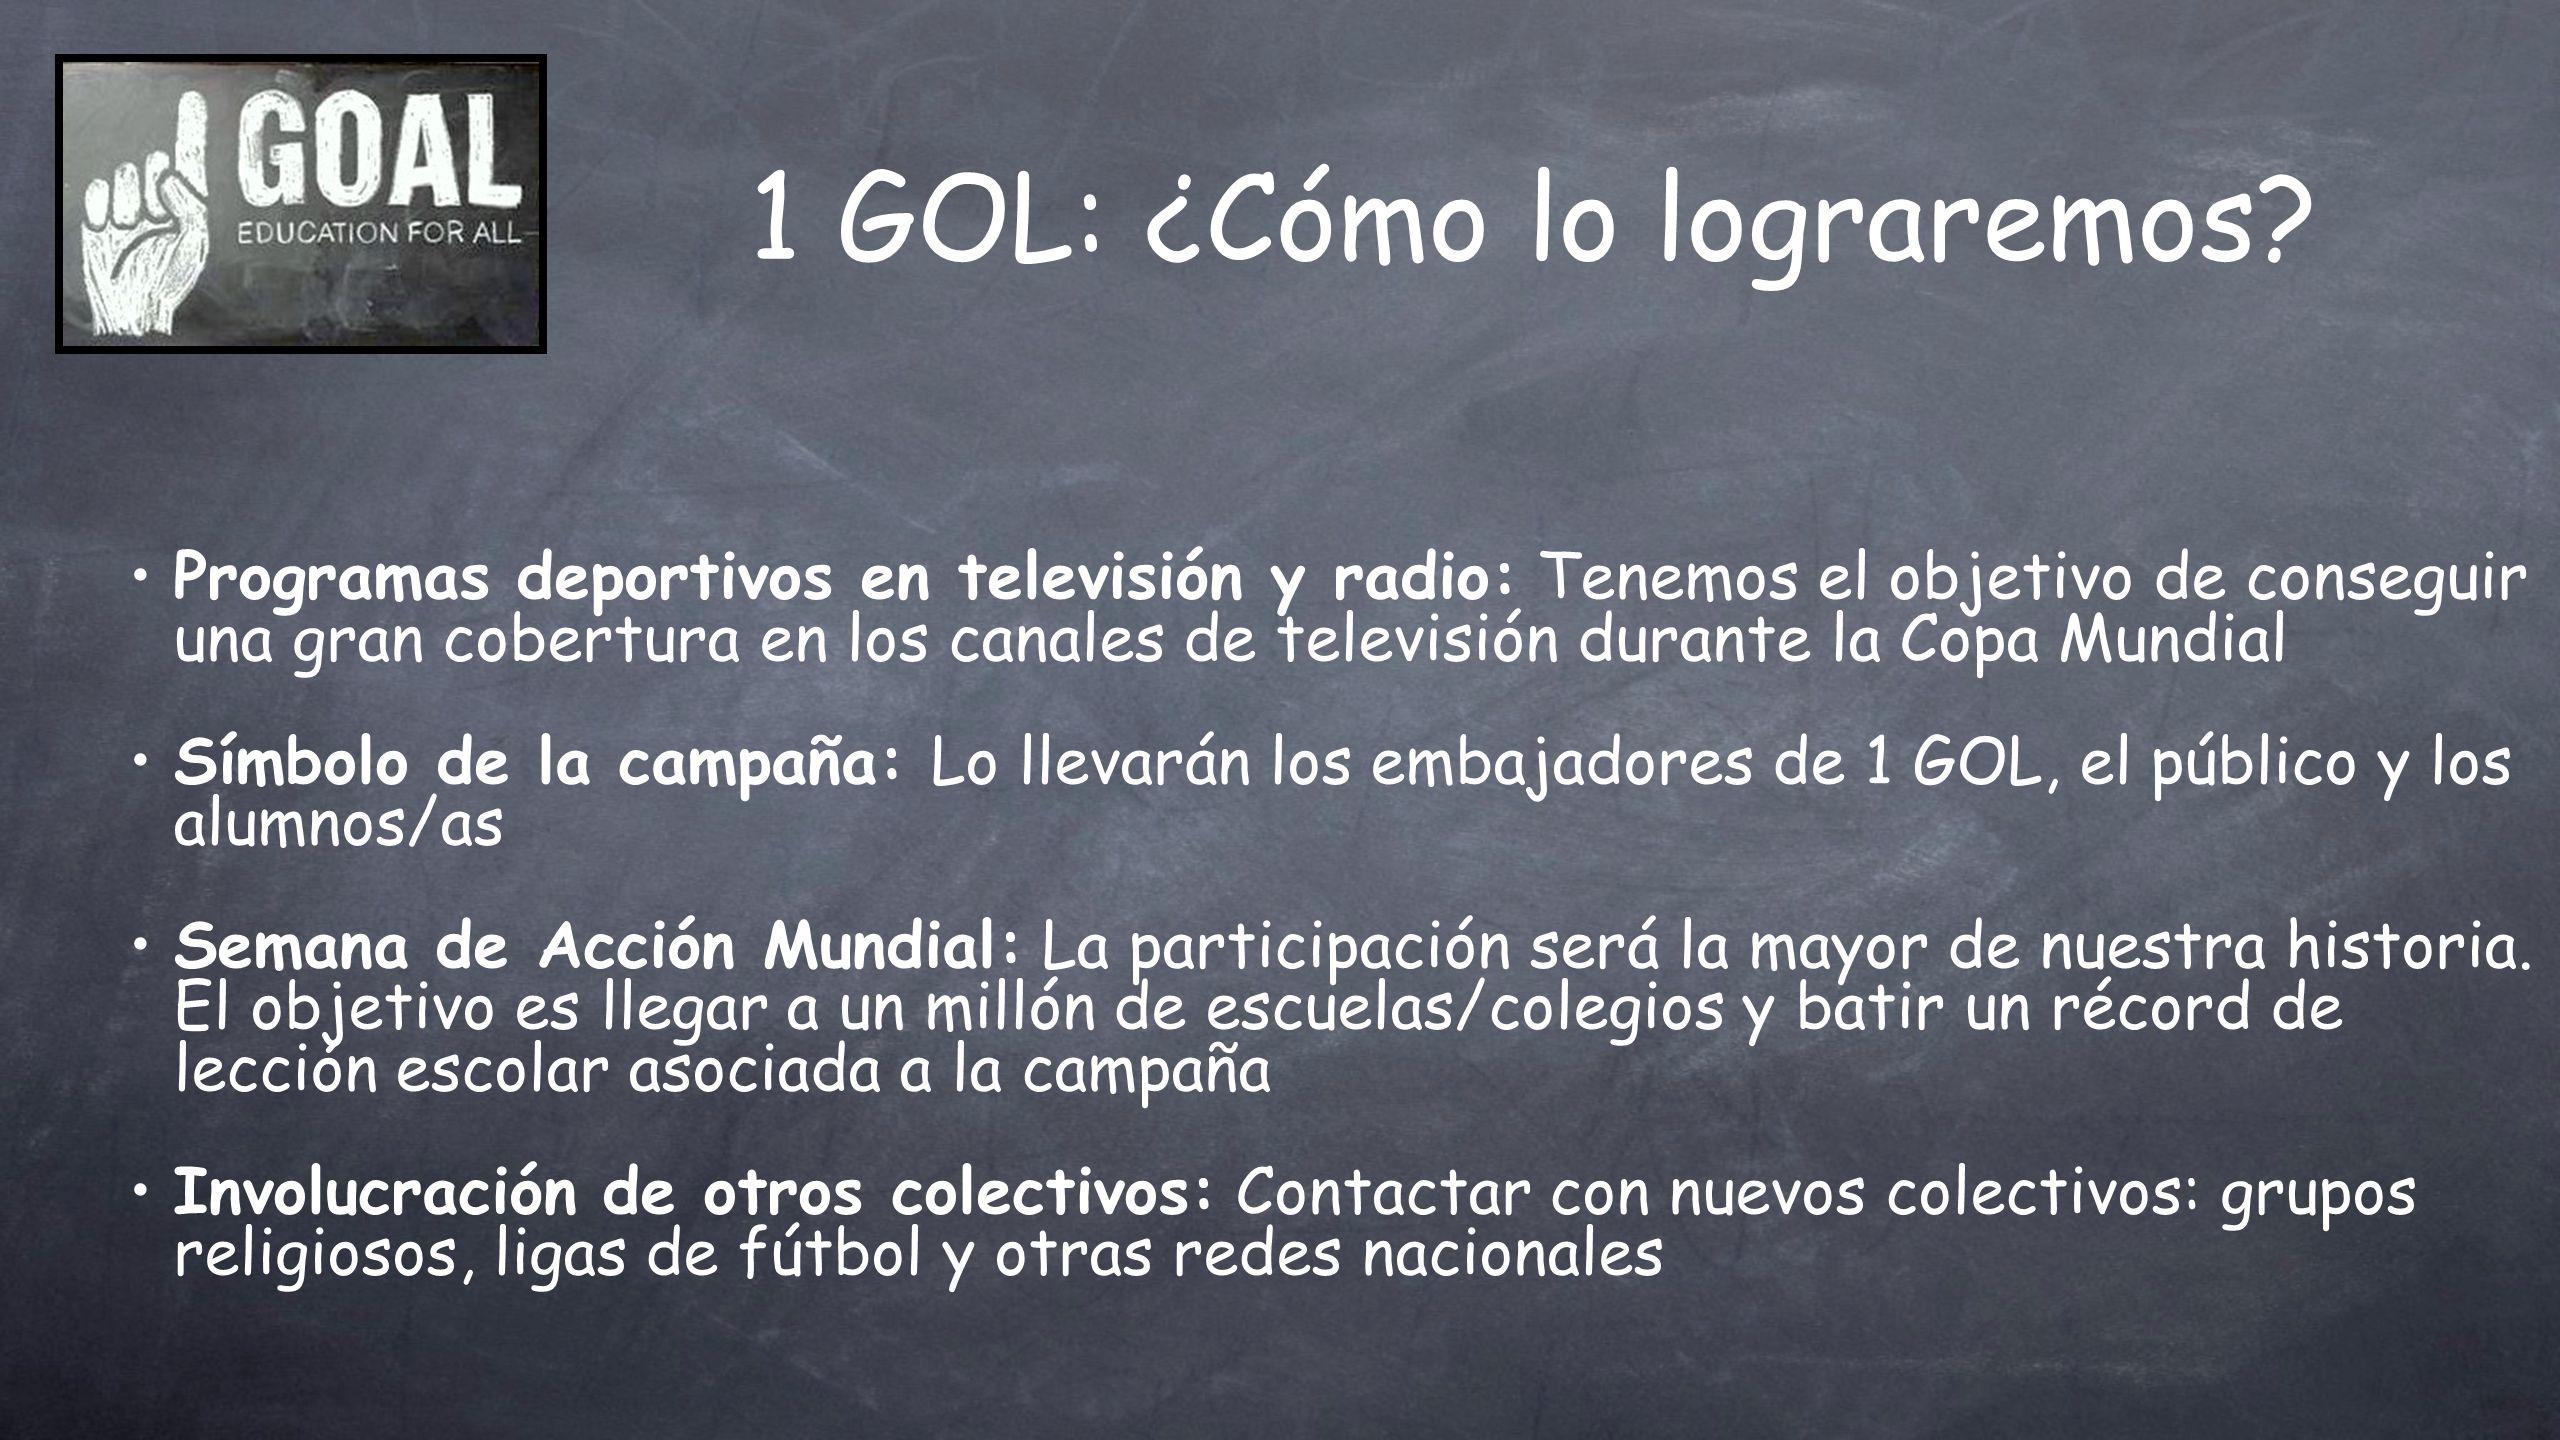 1 GOL: ¿Cómo lo lograremos? Programas deportivos en televisión y radio: Tenemos el objetivo de conseguir una gran cobertura en los canales de televisi